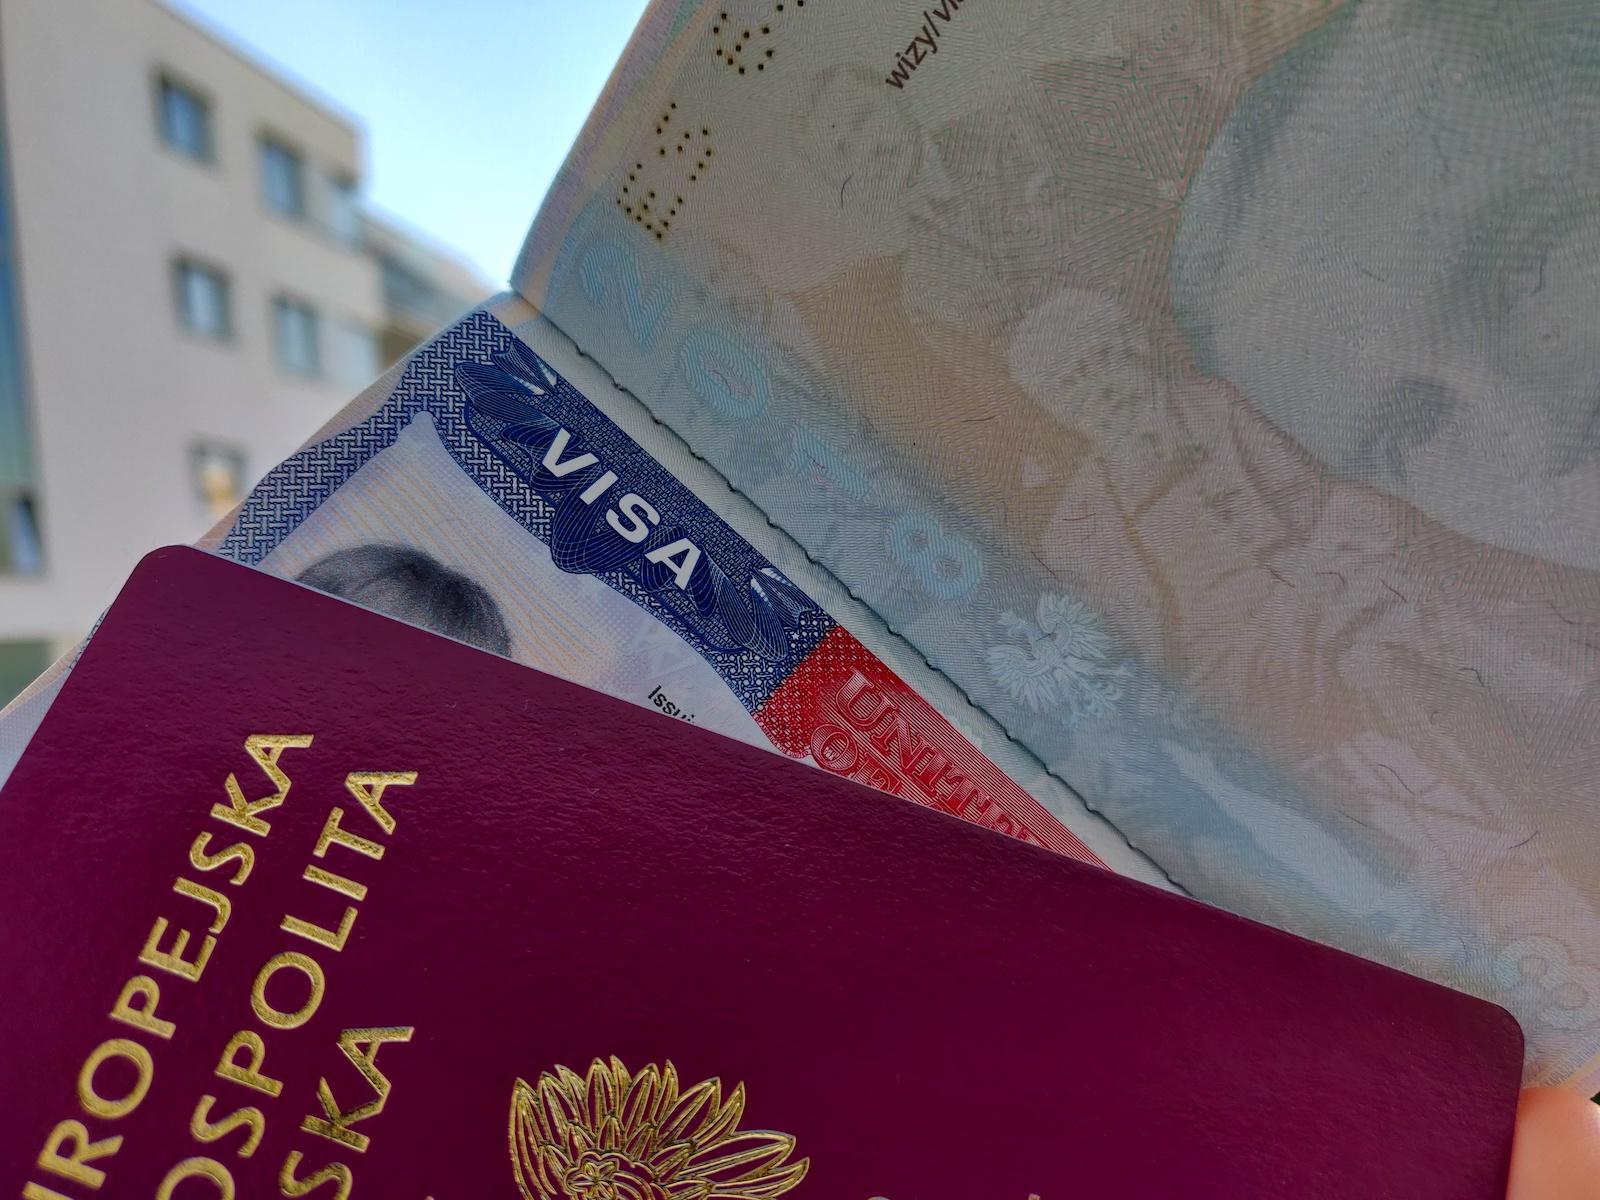 Odnowienie wizy do USA